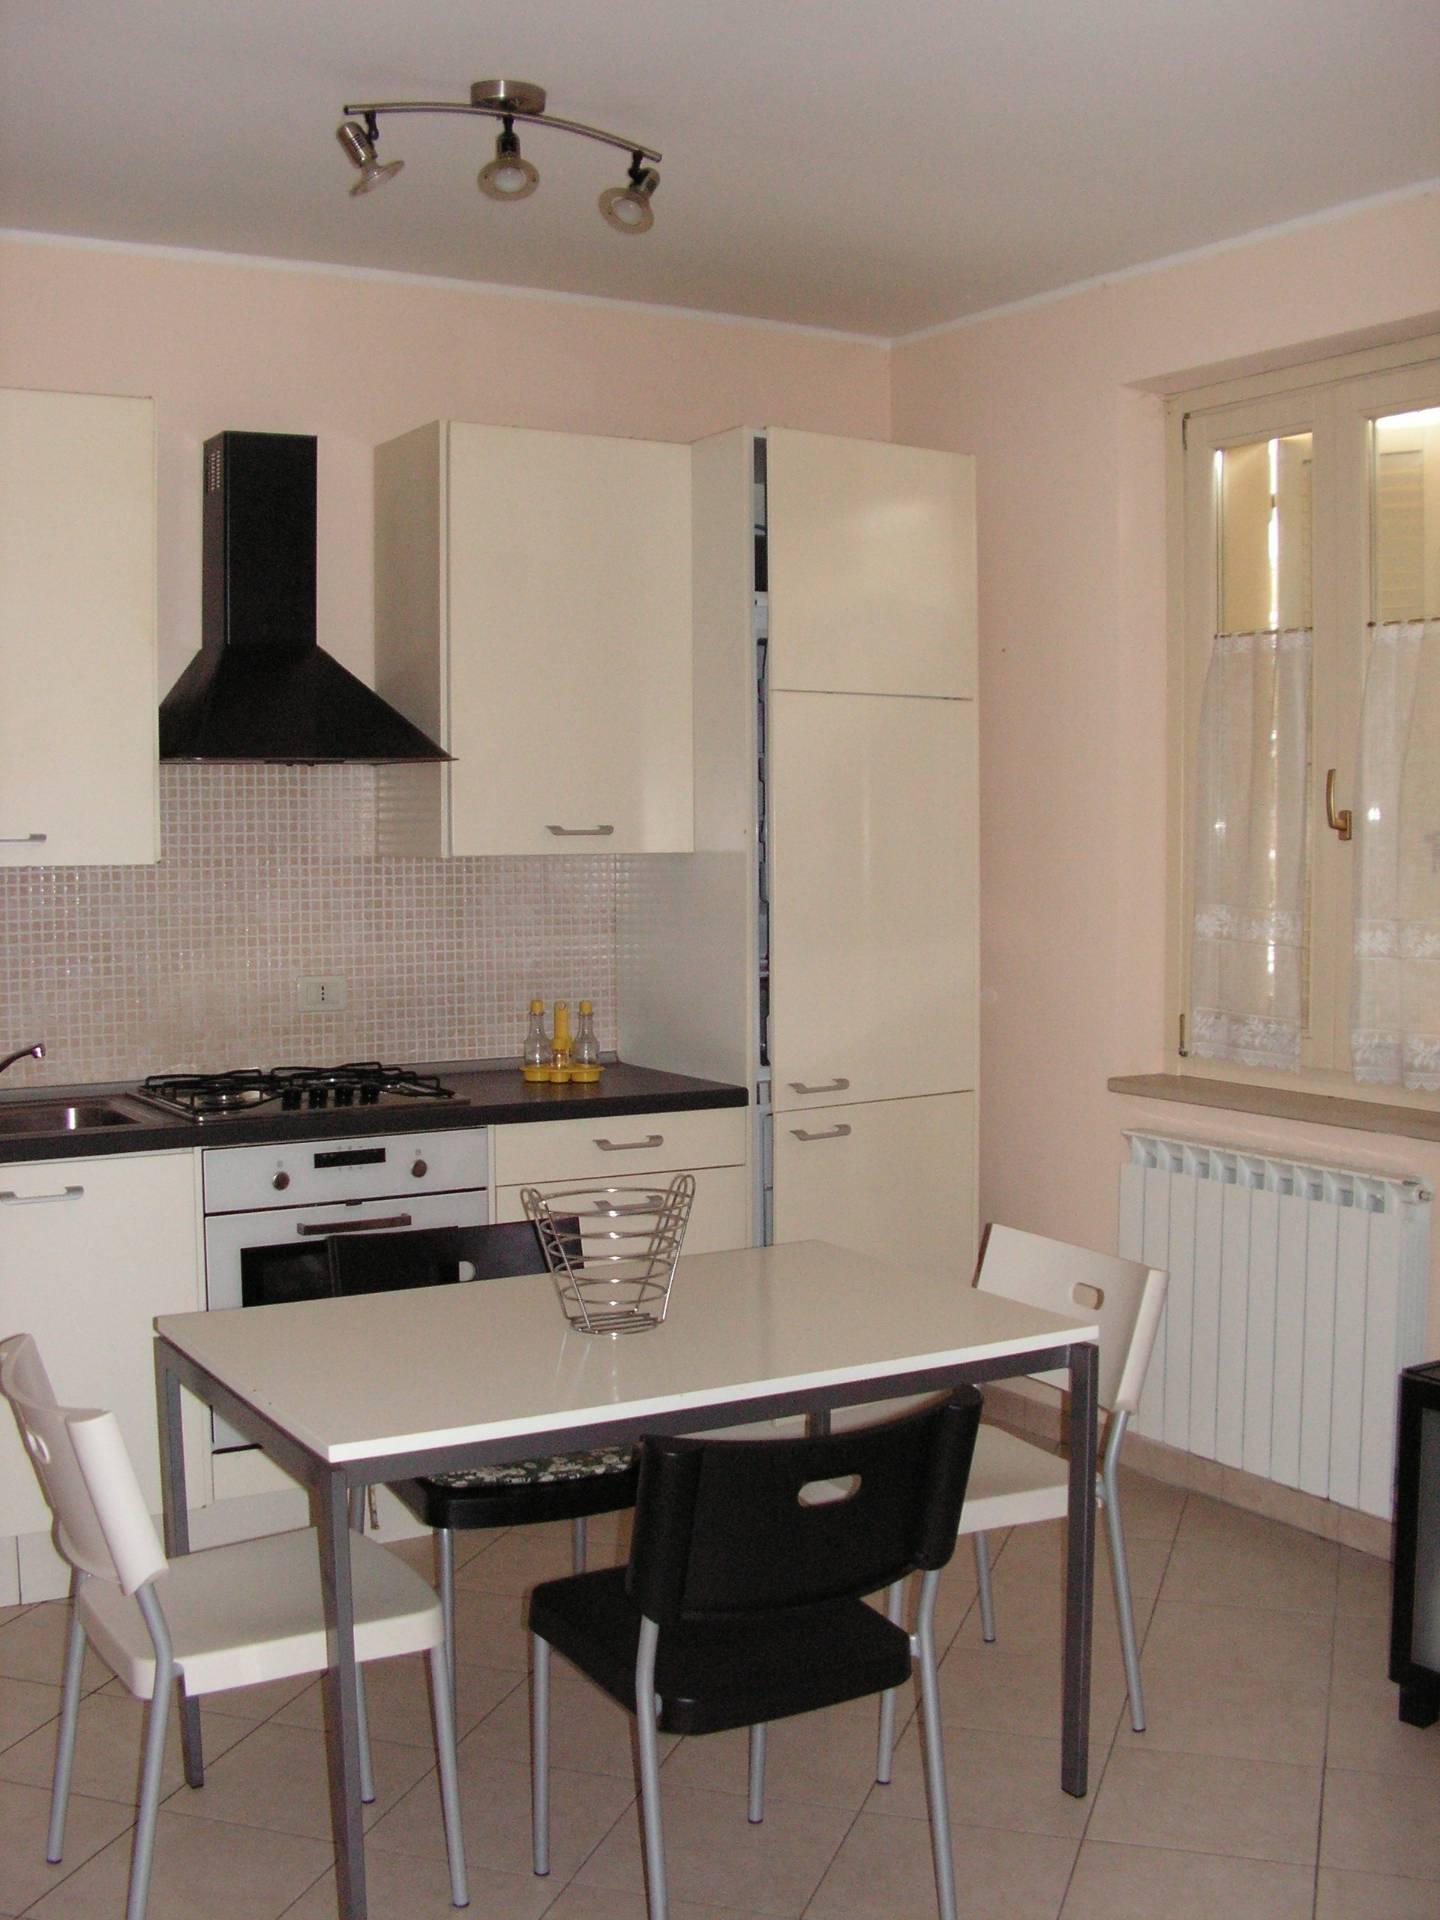 Appartamento in affitto a Fabriano, 1 locali, zona Località: CENTROSTORICO, prezzo € 310 | Cambio Casa.it